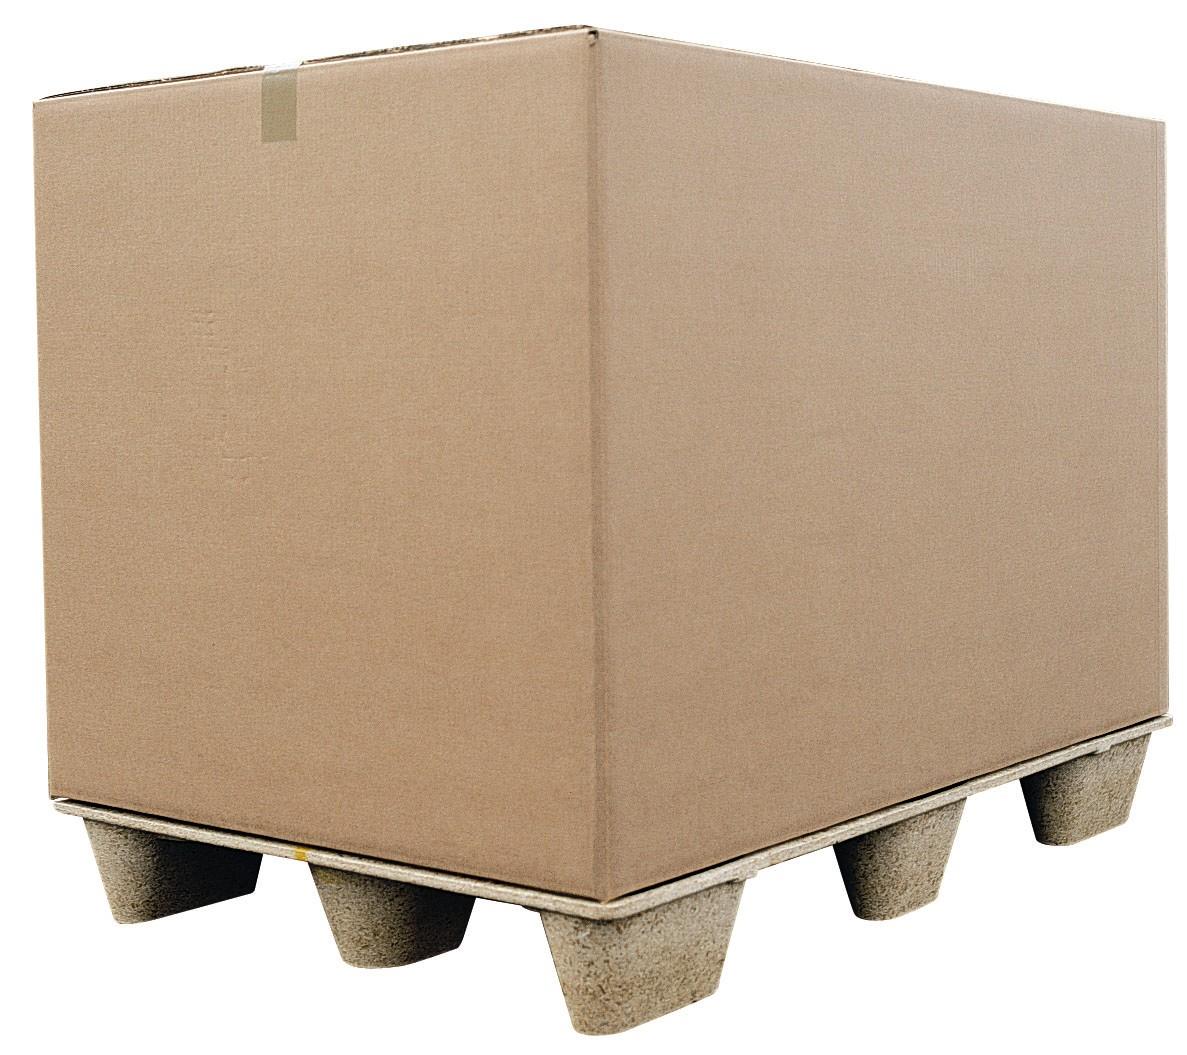 Caisse-palette en carton